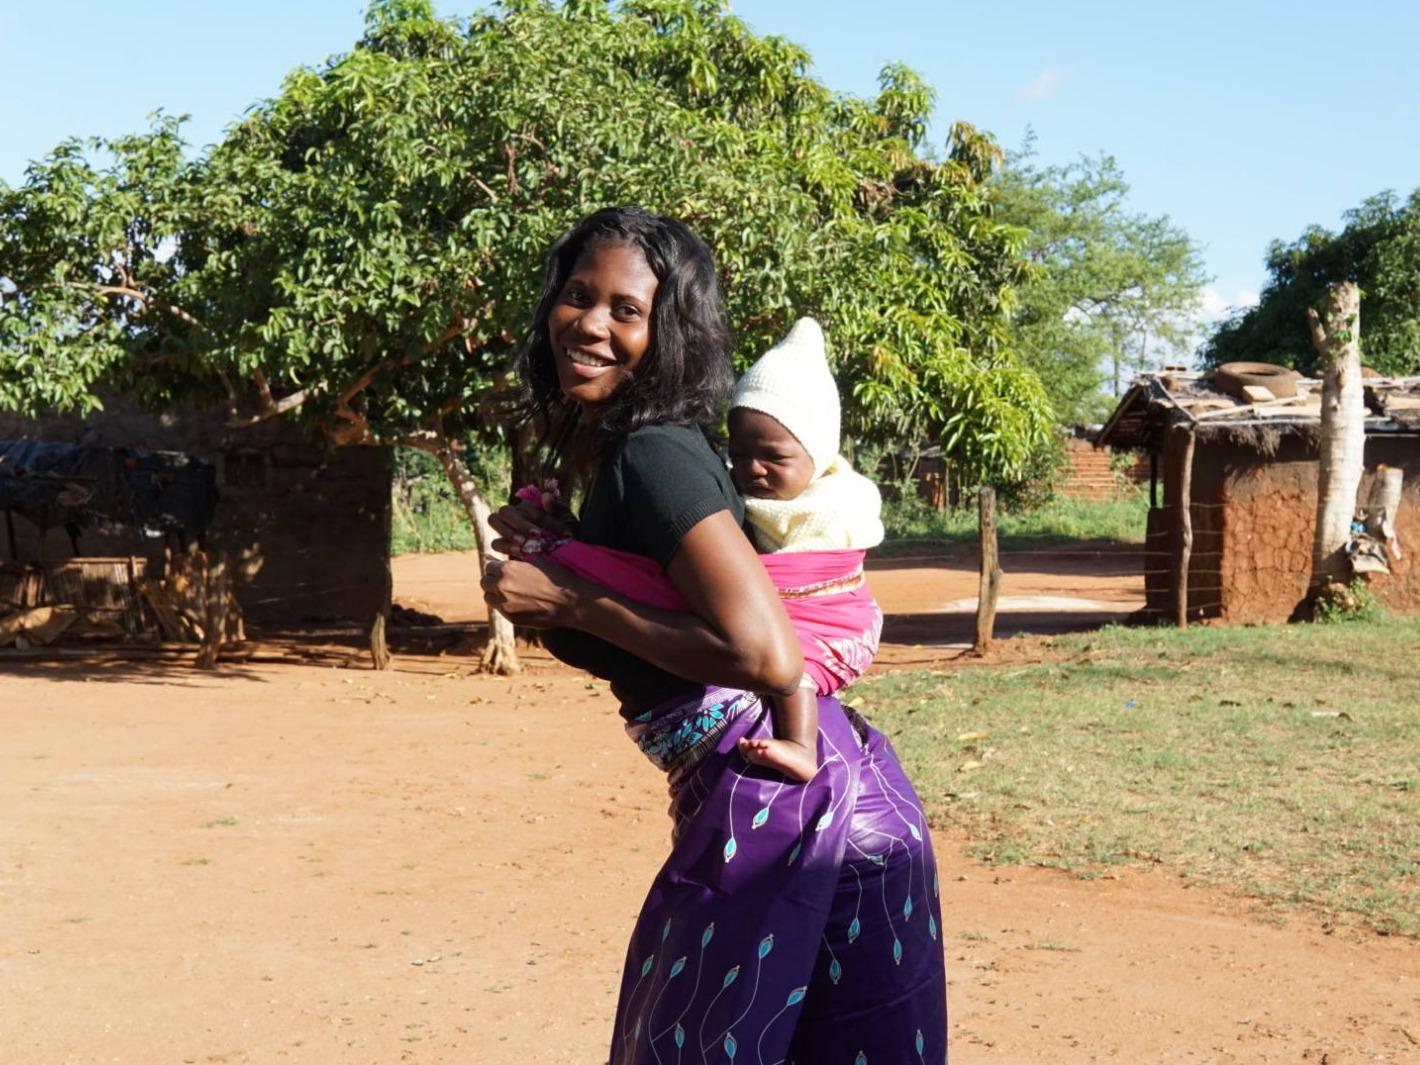 una mamma mozambicana con il suo bambino nella fascia porta bebè